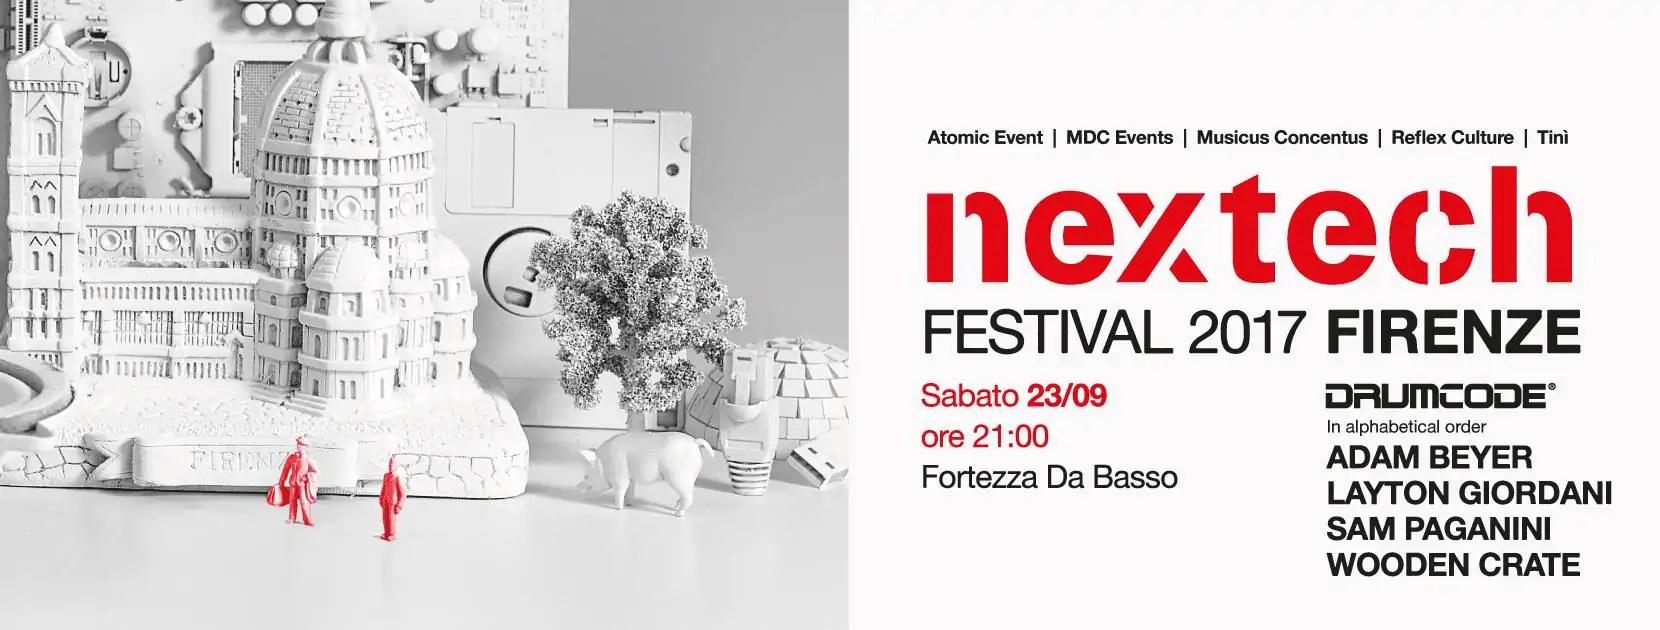 Nextech Firenze Fortezza Da Basso 23 09 2017